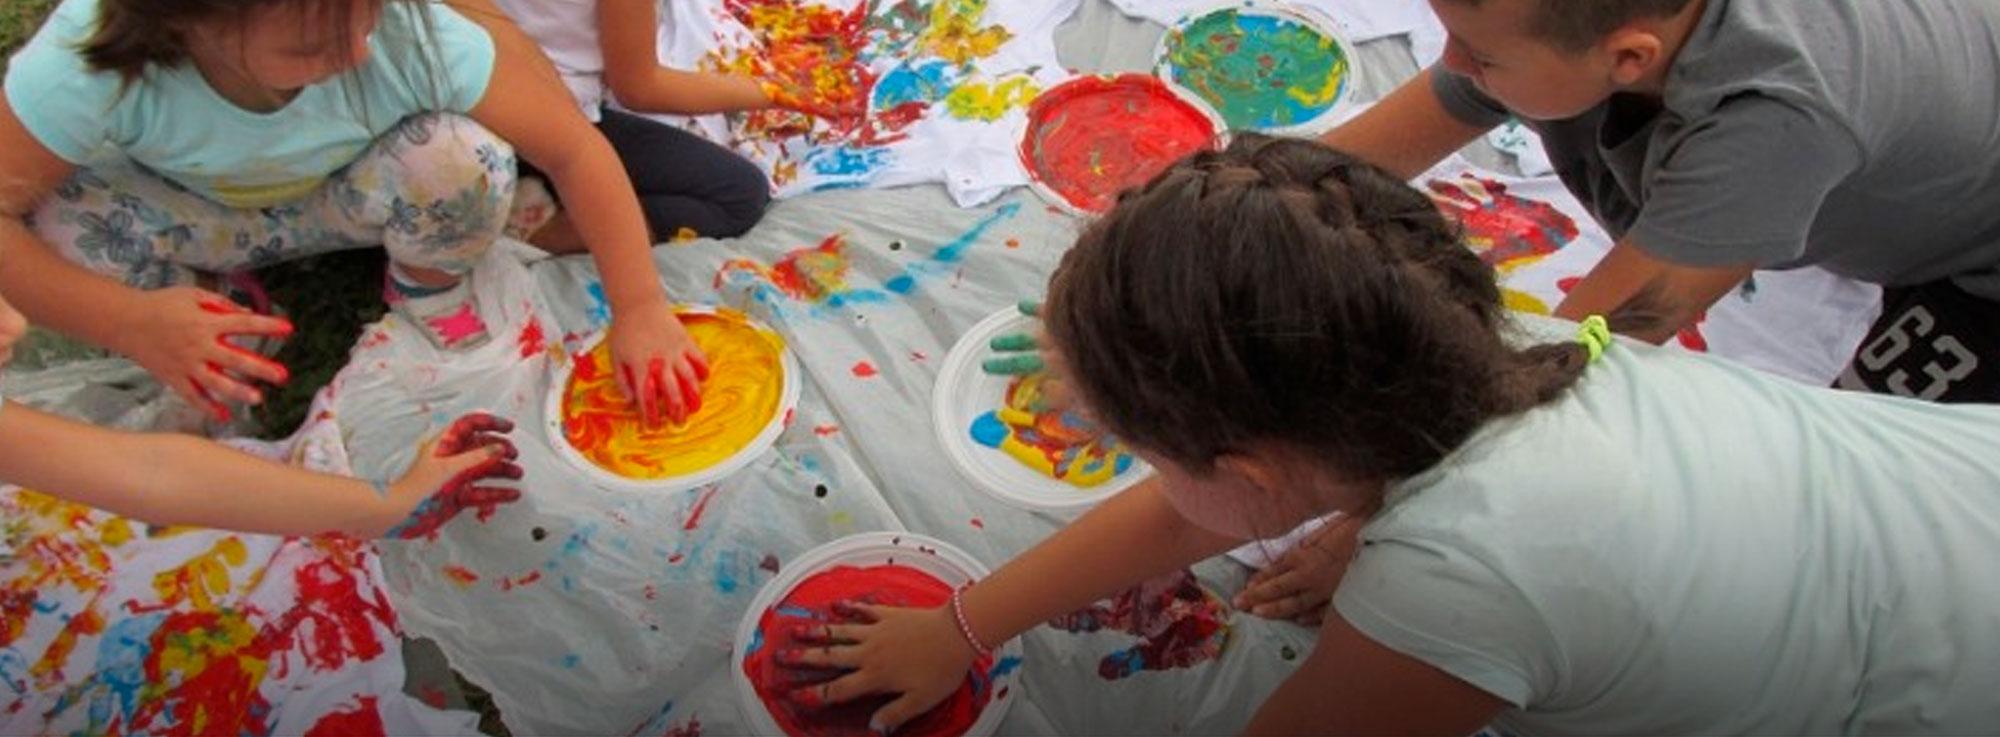 Manfredonia: Migliorarsi a piccoli passi